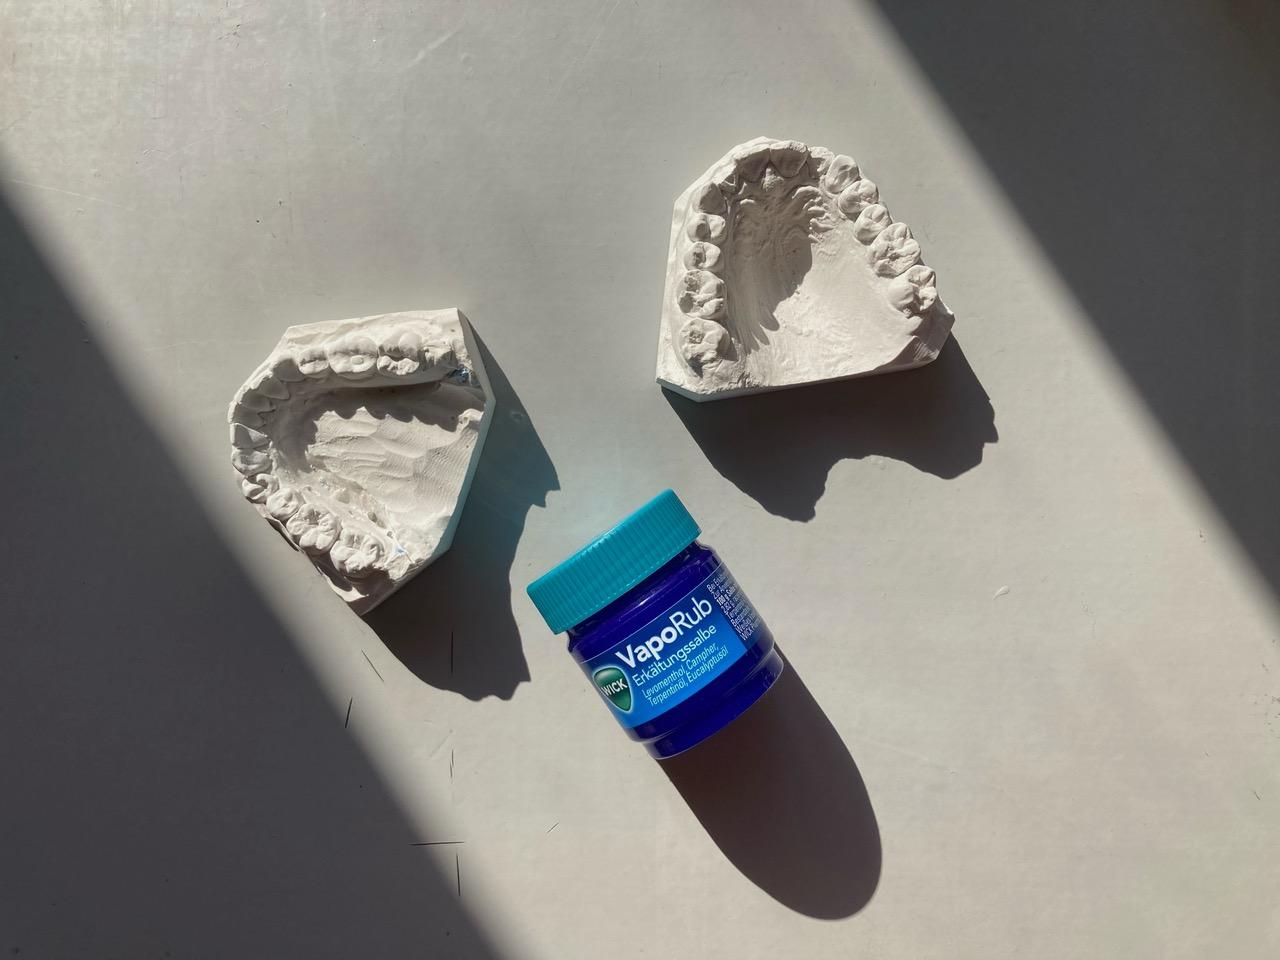 Zwei Zahnabdrücke sowie eine Packung Wick VapoRub